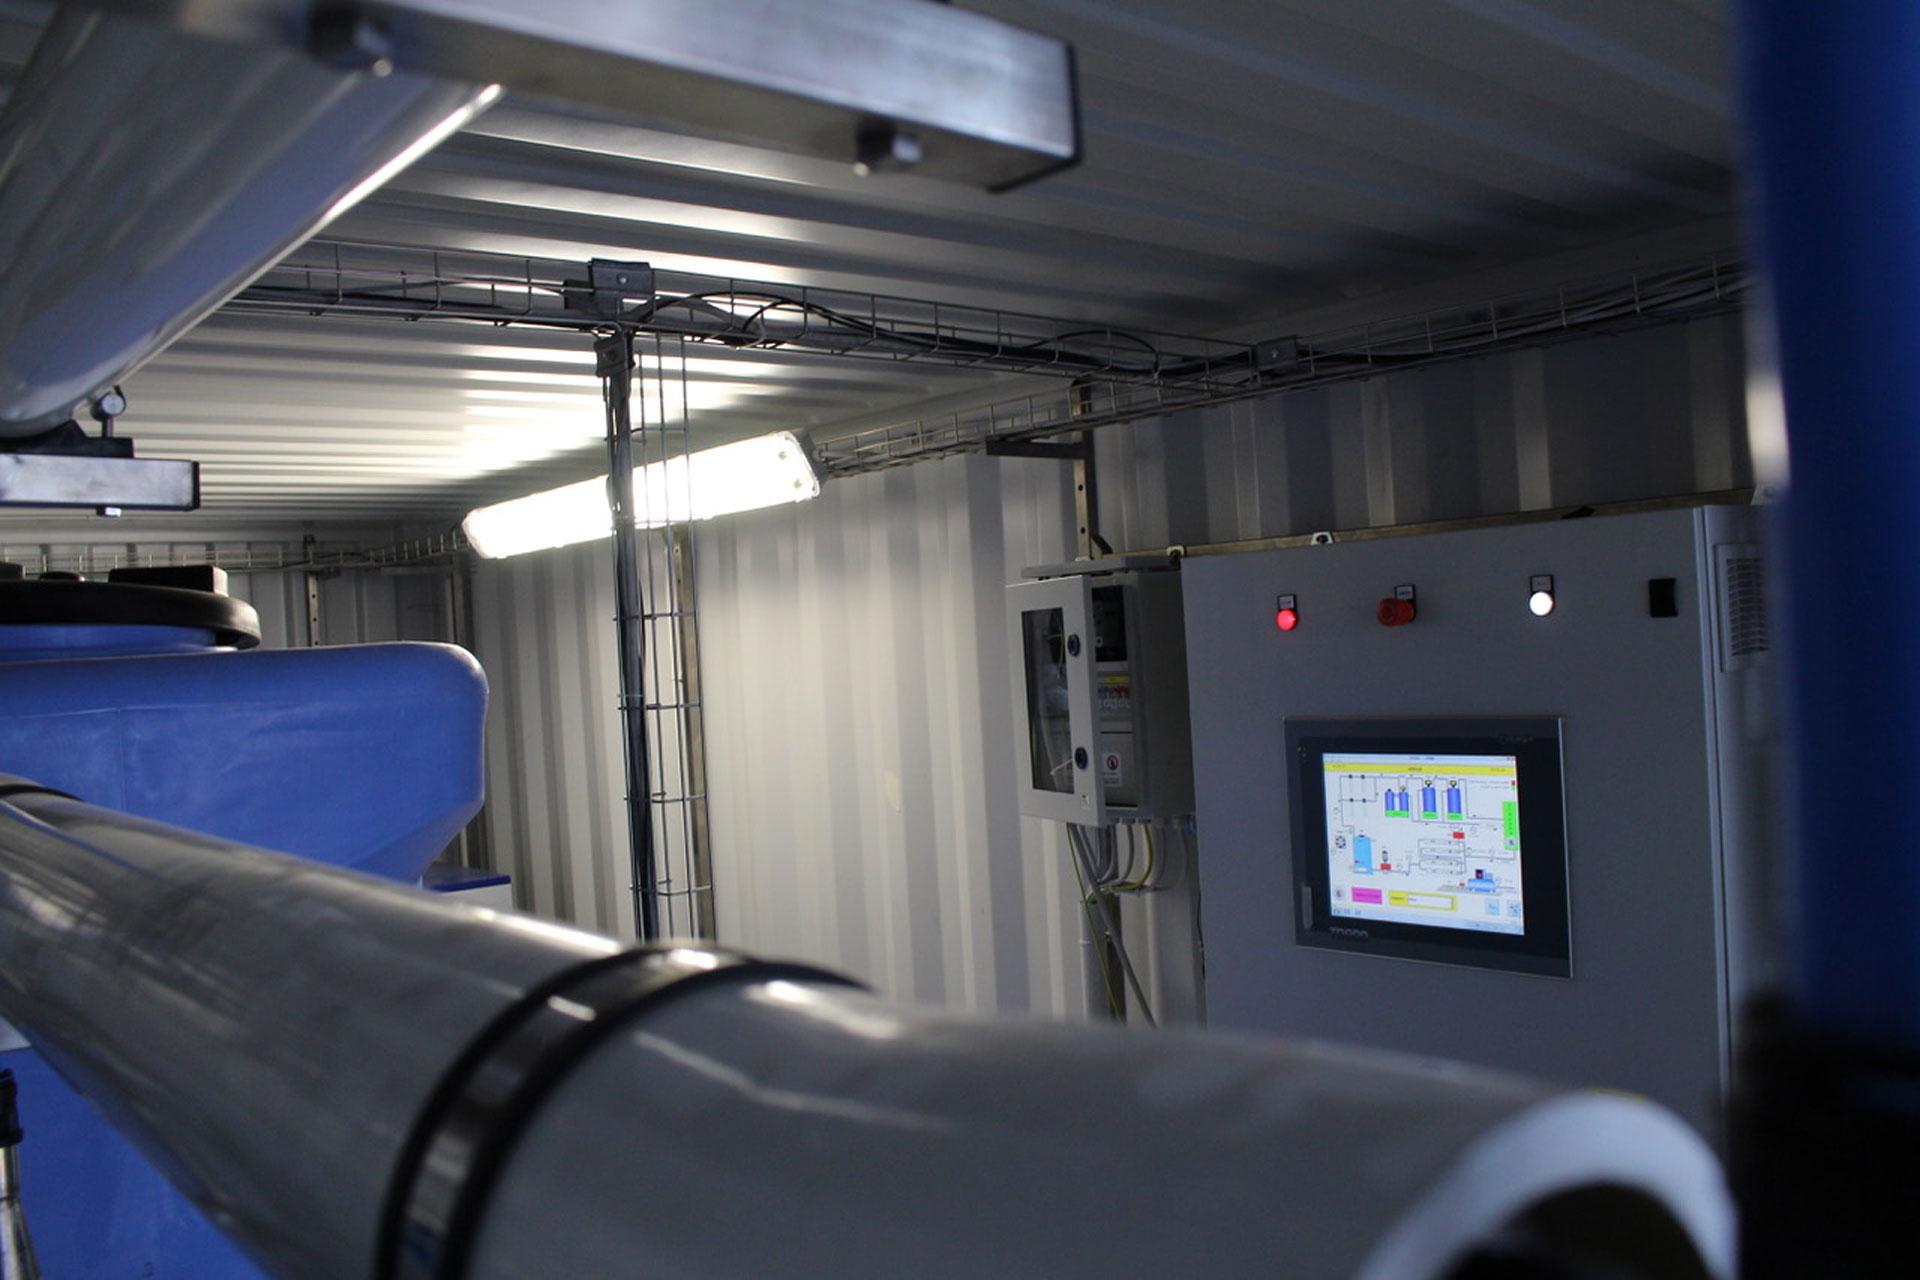 CZ Trattamento Acque - CZ Connect - Sistema centralizzato per il controllo remoto impianti trattamento